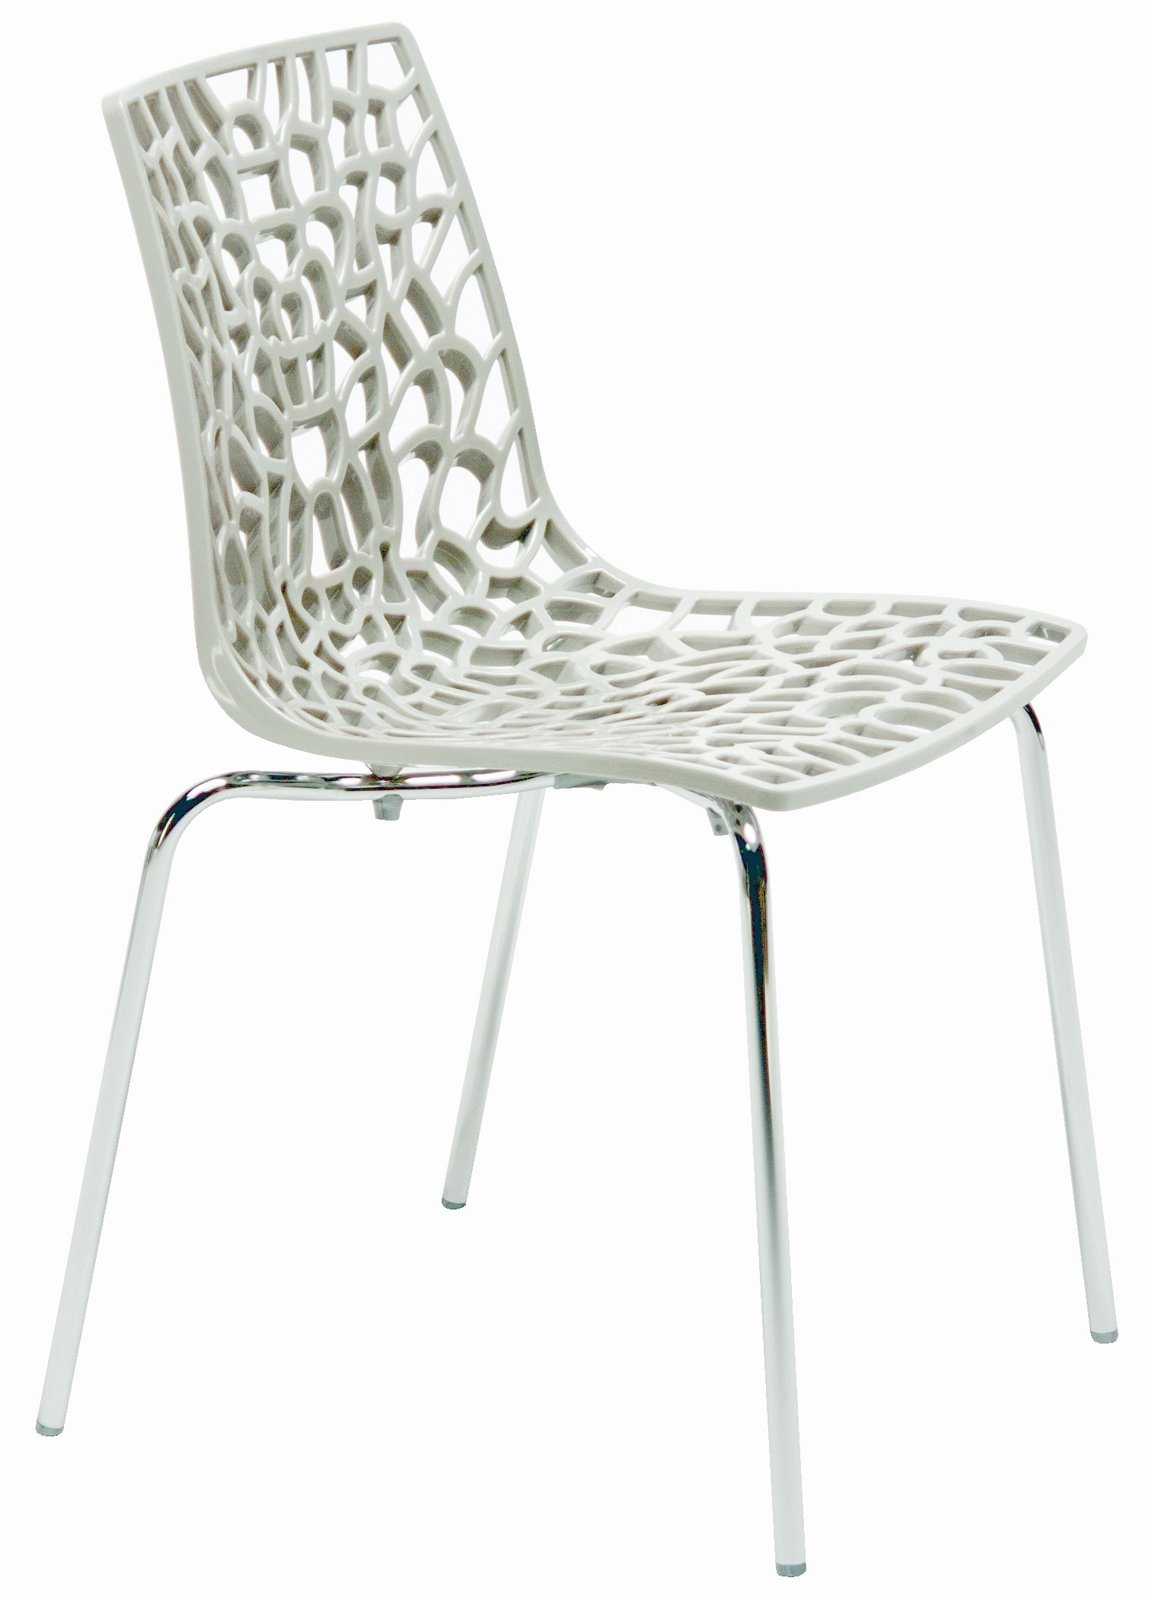 IN SOGGIORNO. Effetto Pizzo Per La Sedia Monoscocca Grove Di Forte  #5F4B3E 1152 1600 Sedie Cucina IKEA